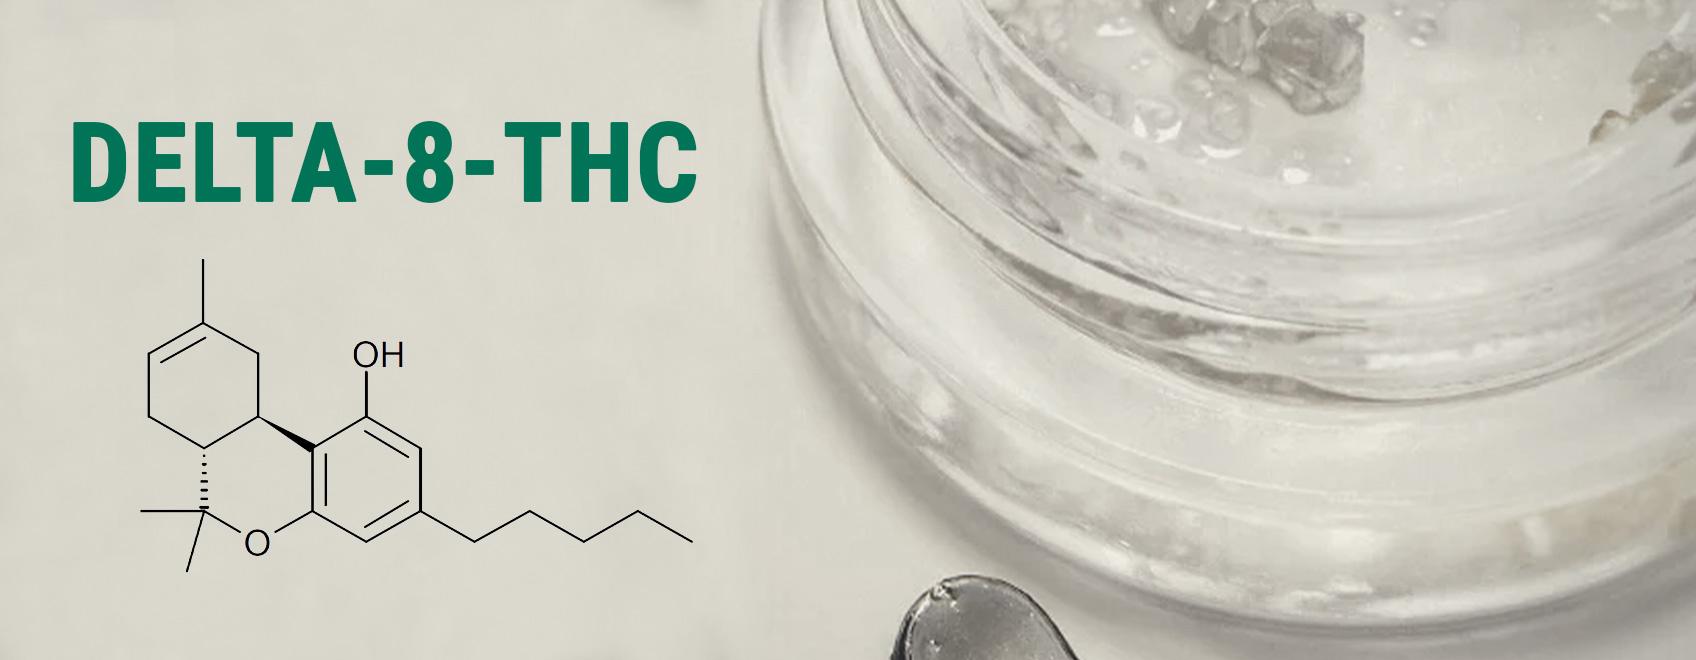 ¿Qué es el delta-8-THC?